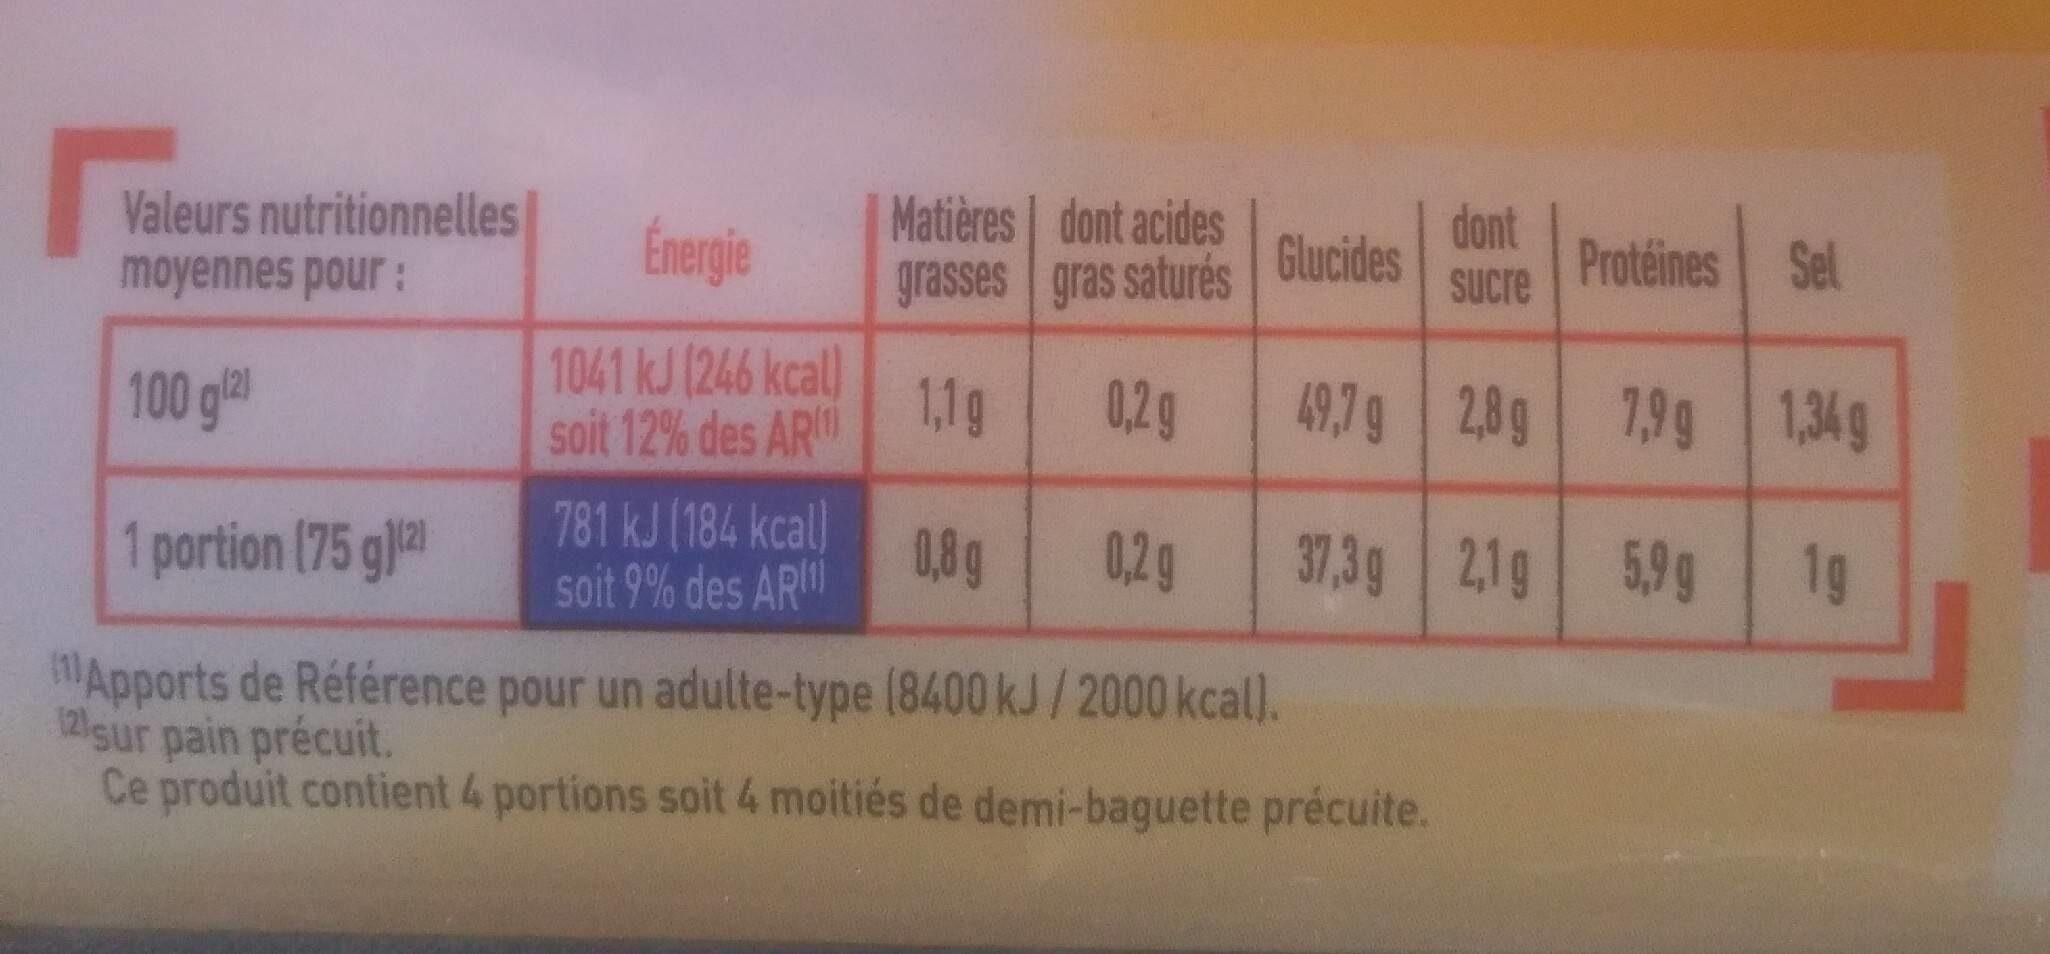 2 demi baguettes précuites - Voedingswaarden - fr